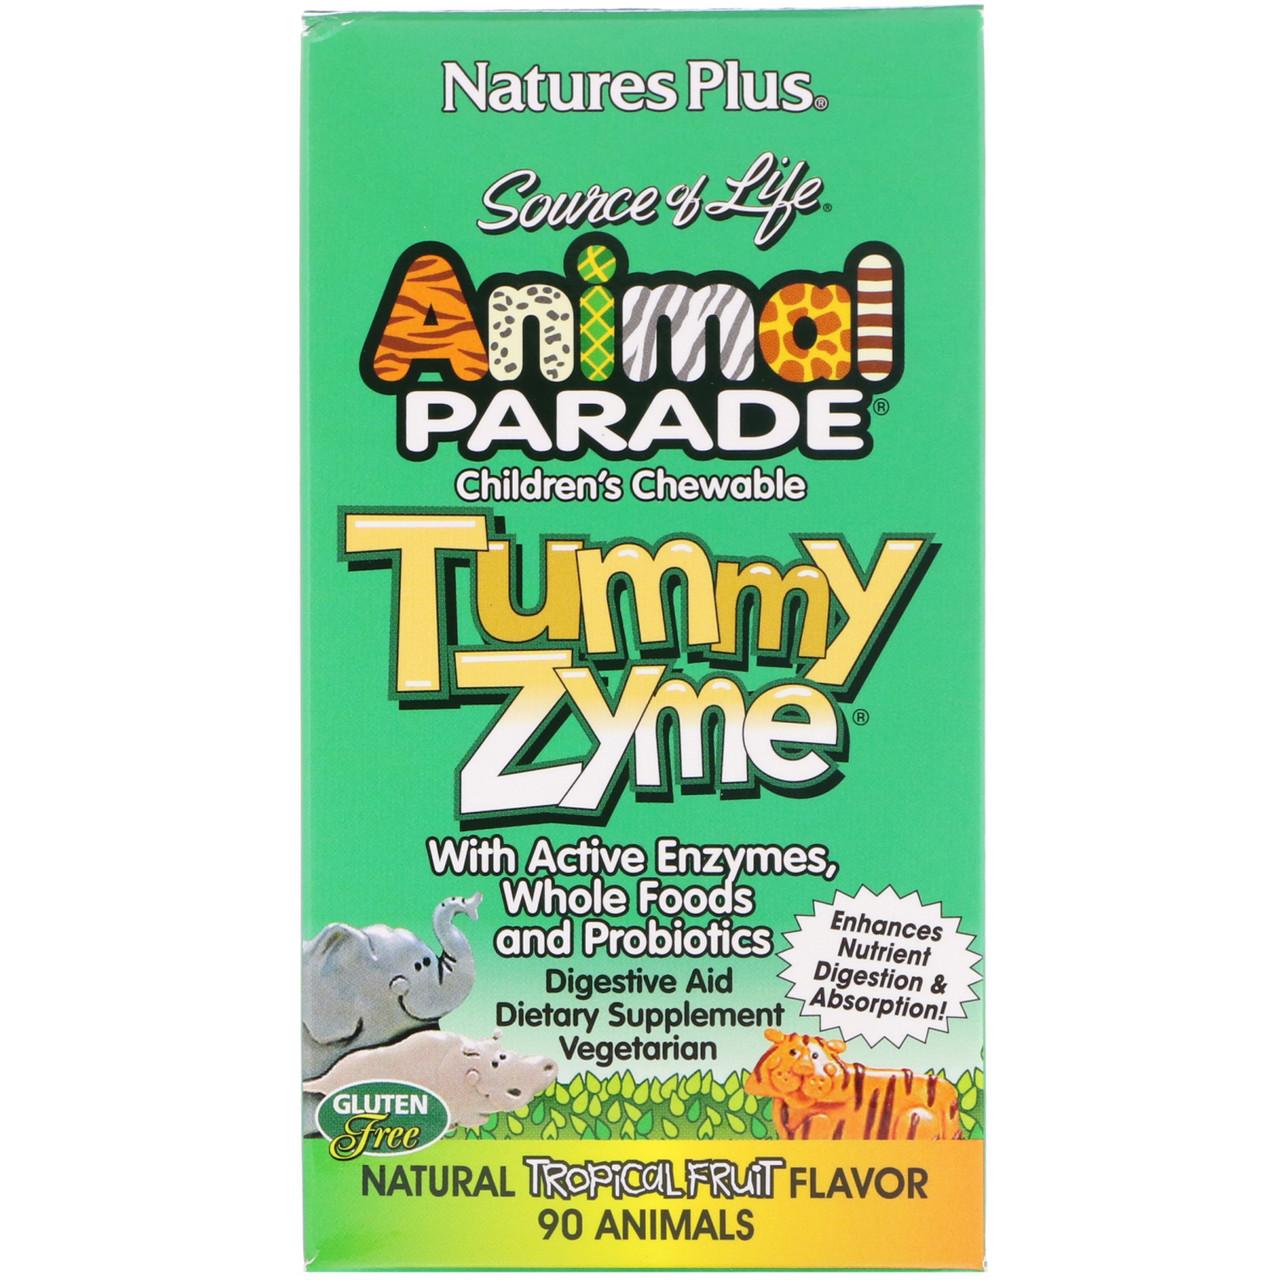 Nature's Plus, Source of Life, Animal Parade, детские жевательные конфеты Tummy Zyme, со вкусом природных тропических фруктов, 90 конфет